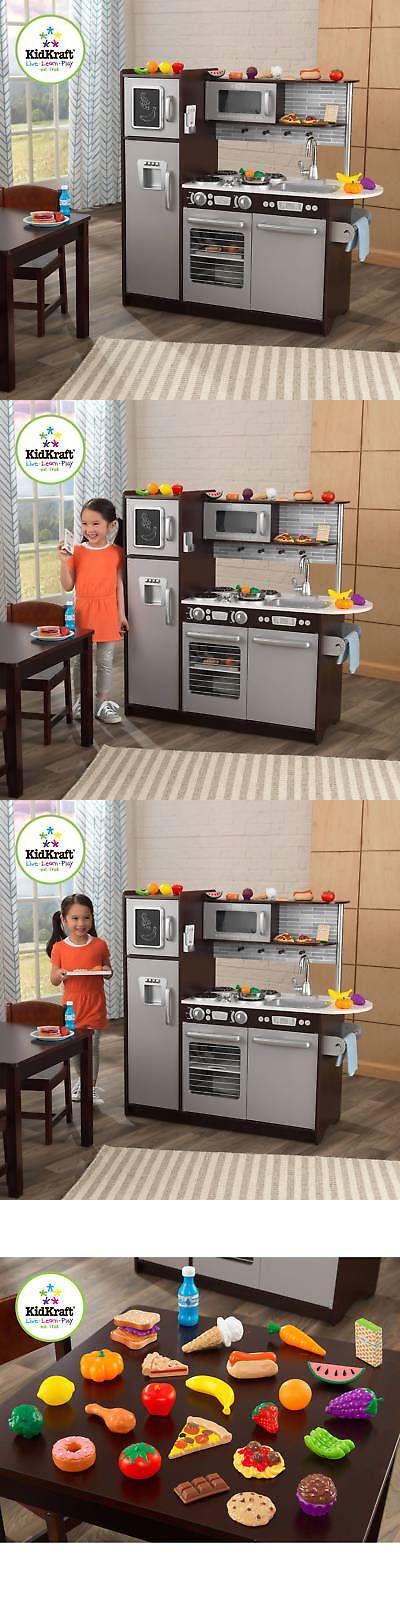 Más de 20 ideas increíbles sobre Küche kaufen ebay en Pinterest - ebay kleinanzeigen dortmund küche